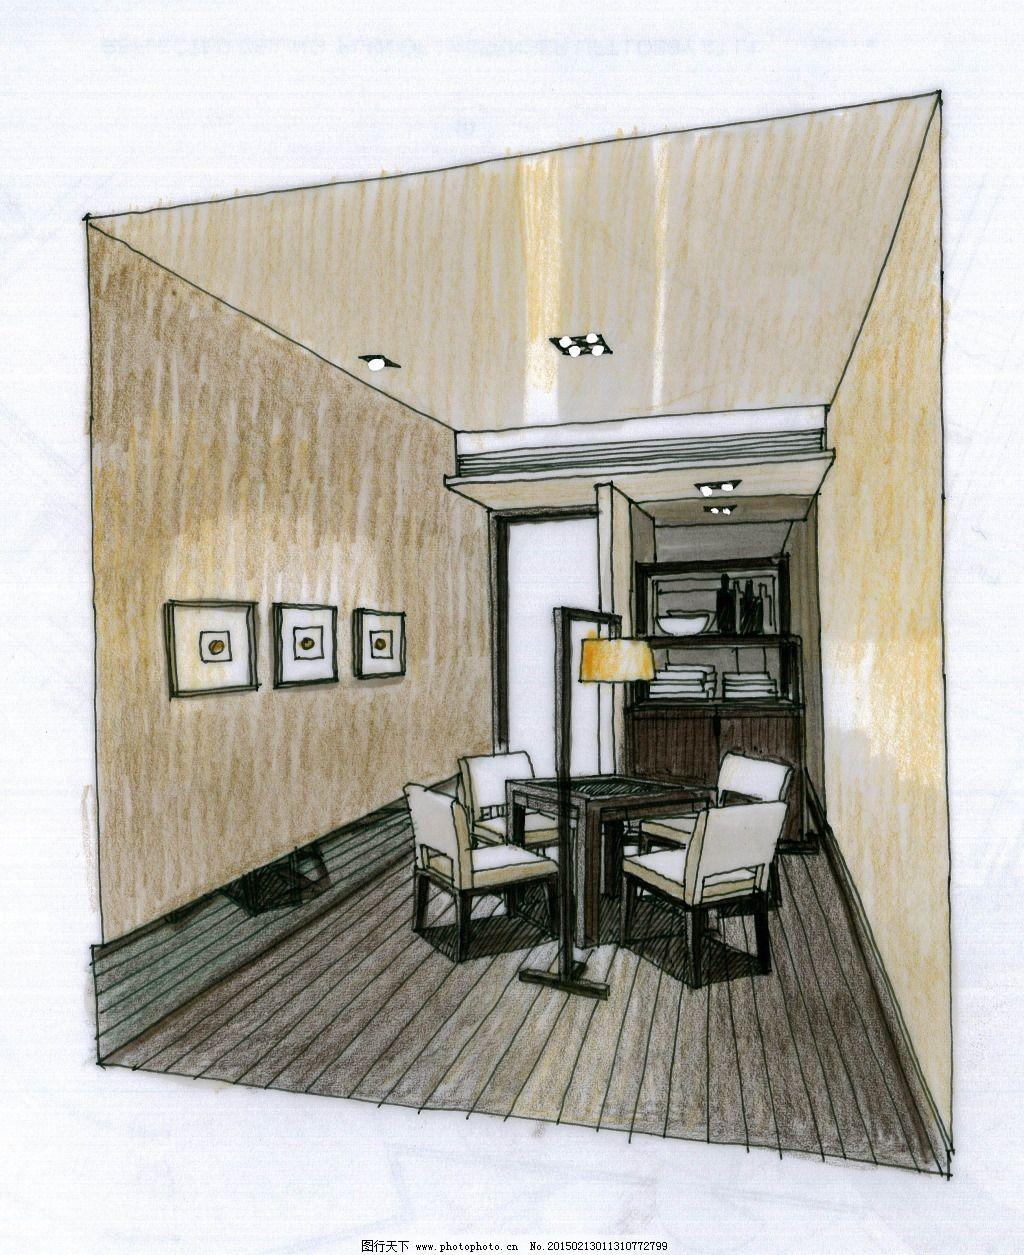 3d建筑 绘画 建筑效果图 模型 室内建筑 手绘 素描 透视图 线描 素描